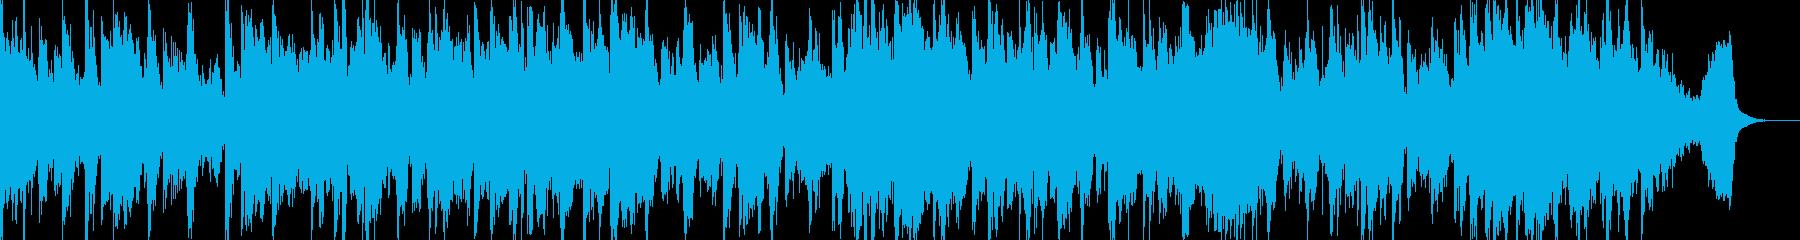 サスペンス、ホラー系にピッタリのBGMの再生済みの波形